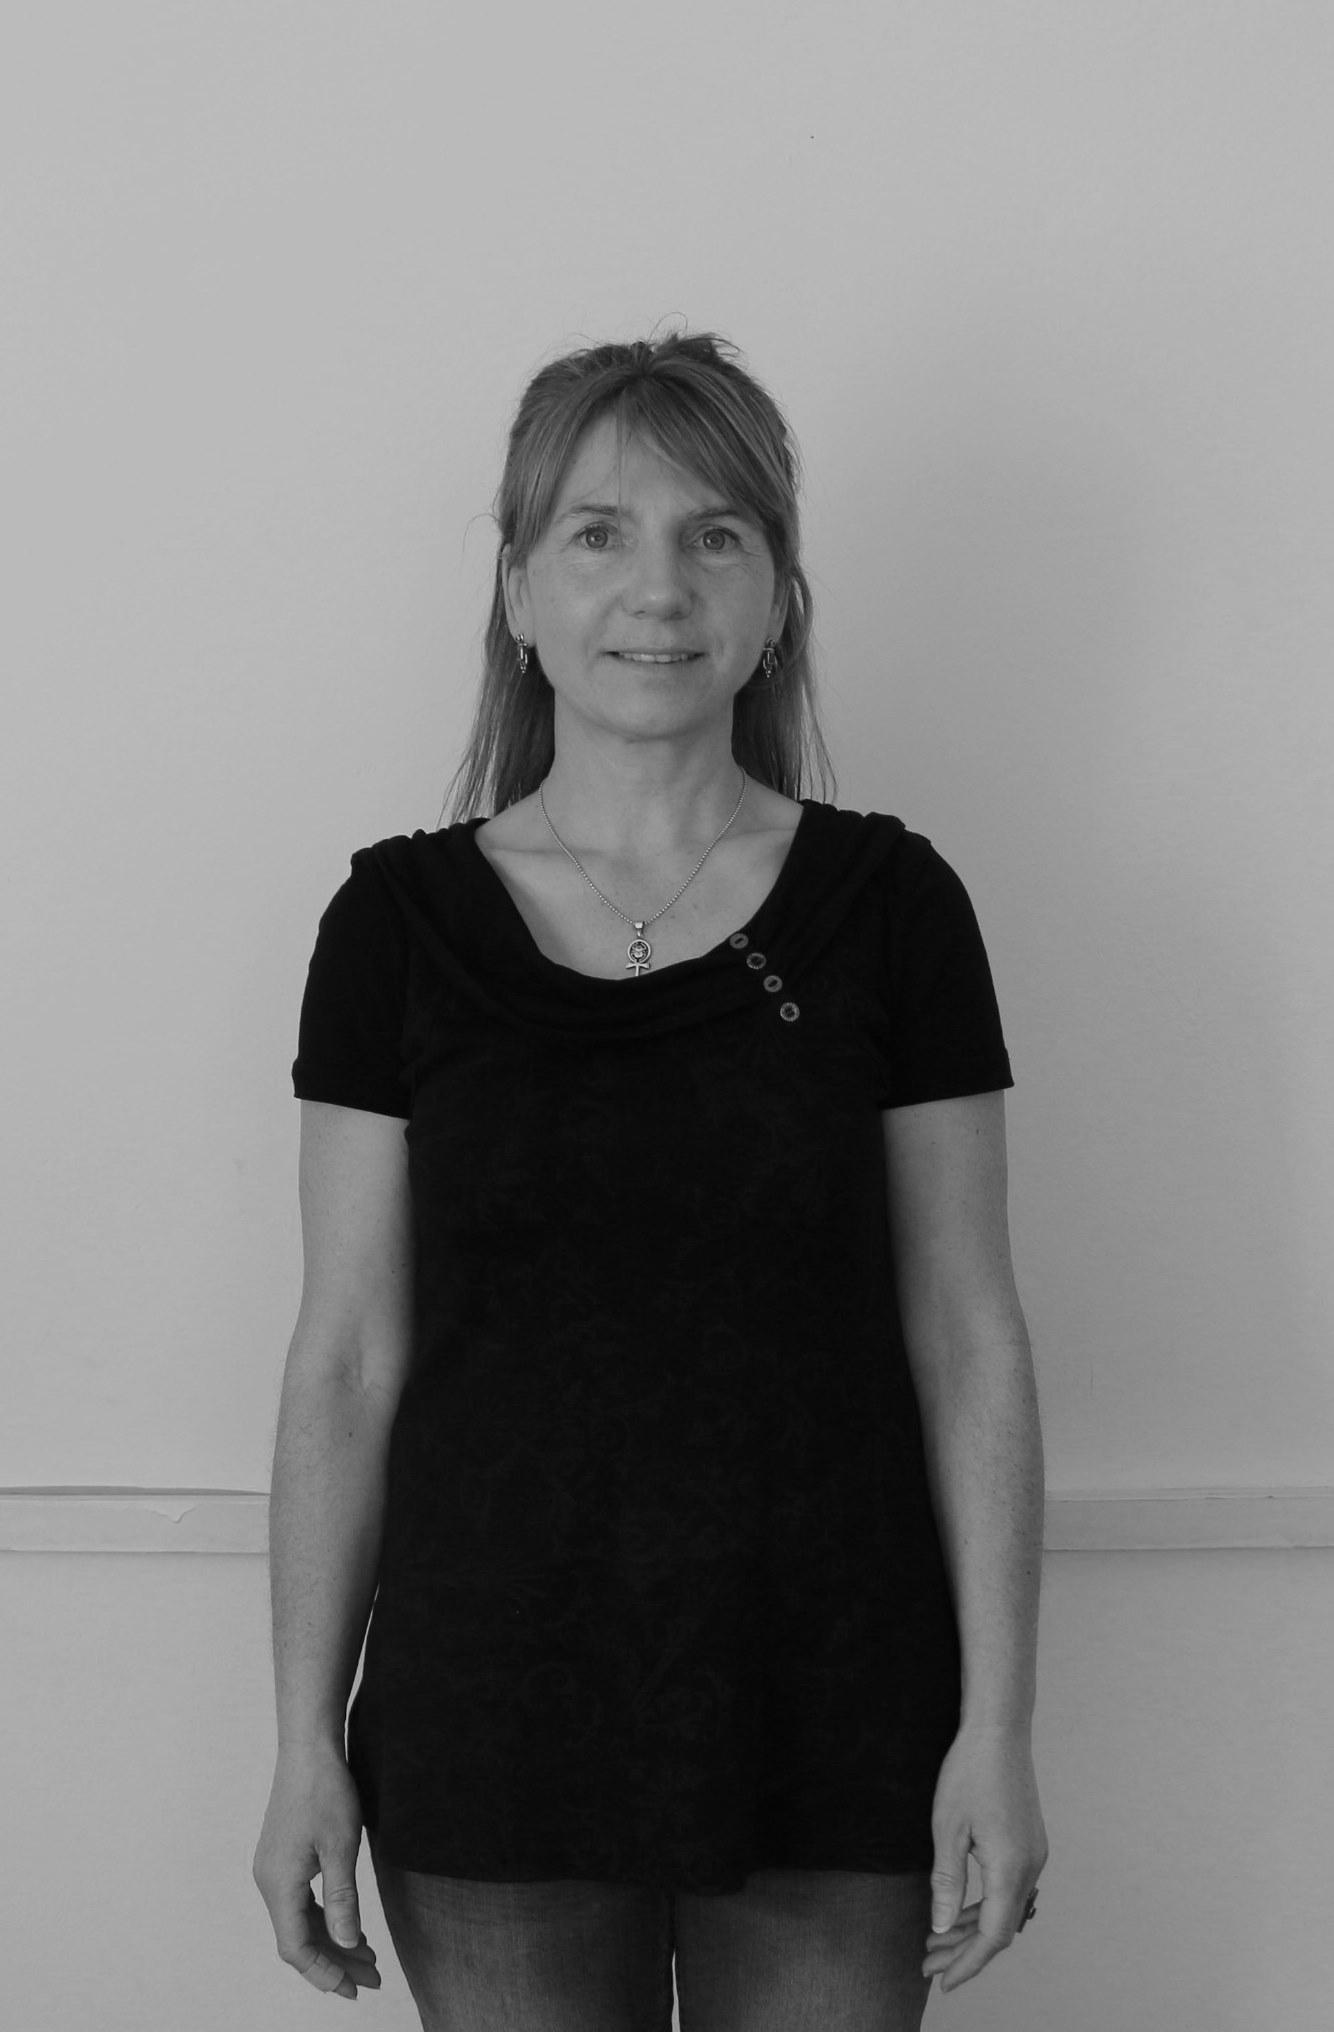 Josephine Bialas